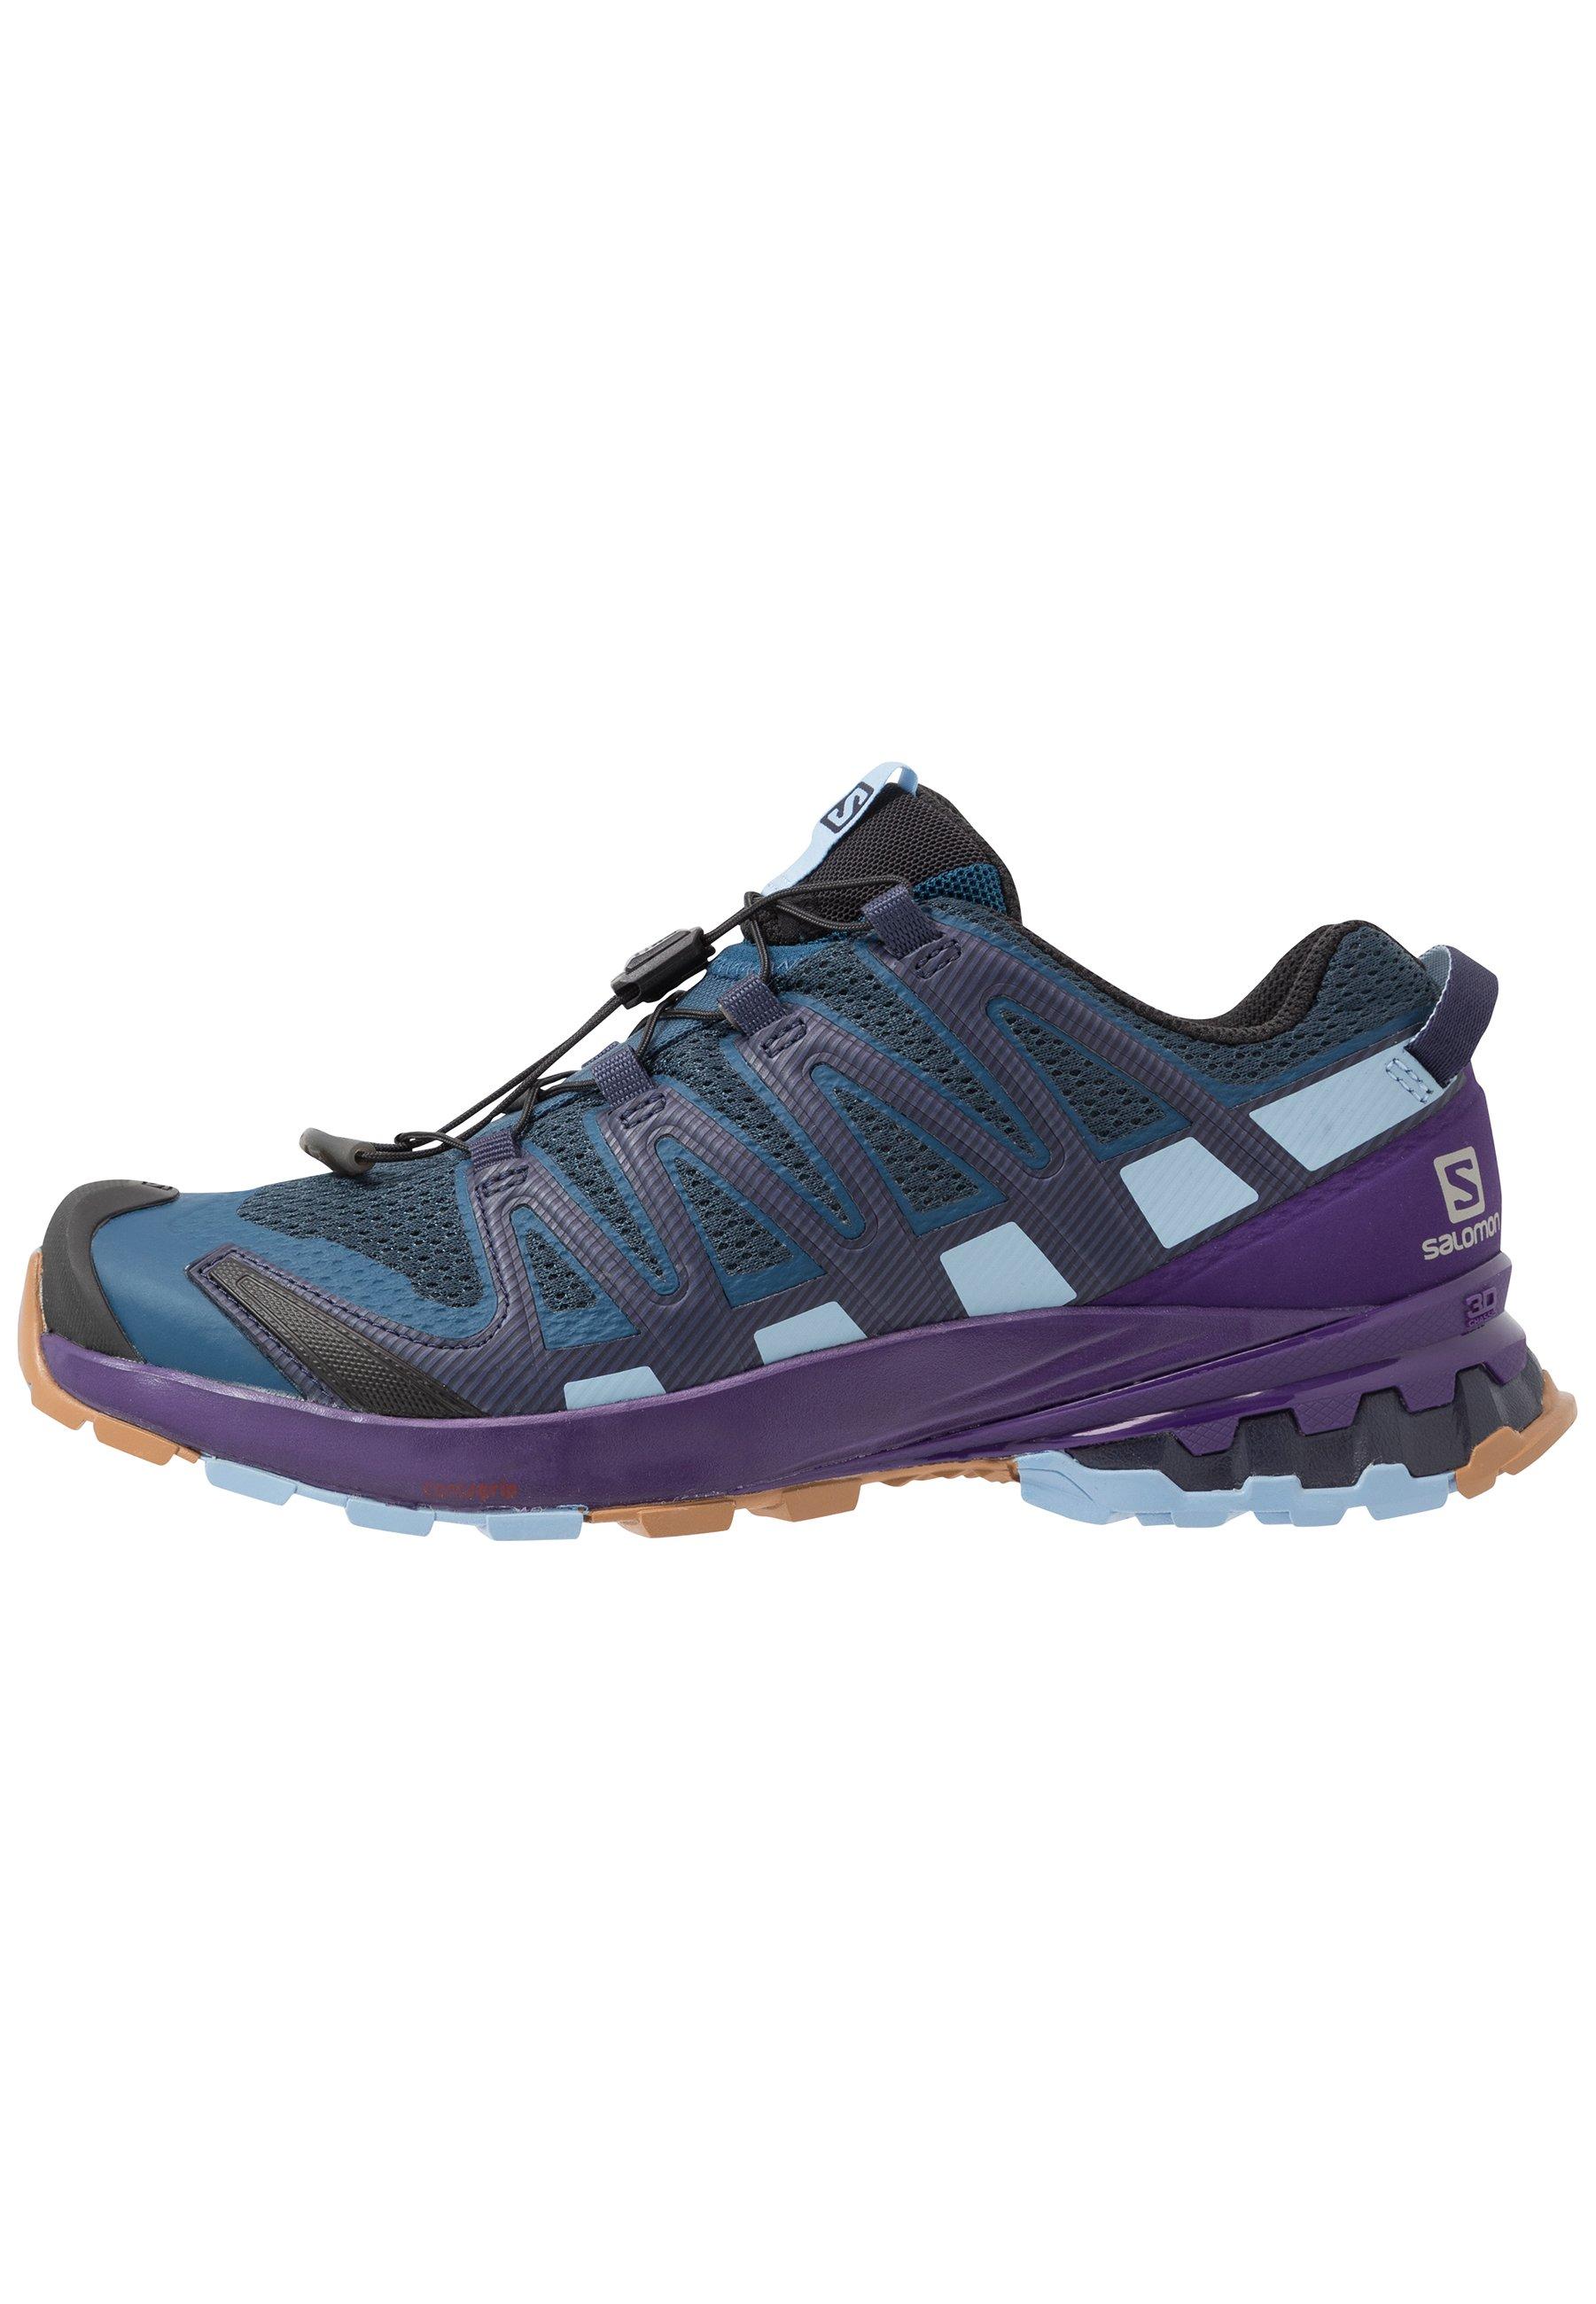 Trail hardloopschoenen voor dames | ZALANDO